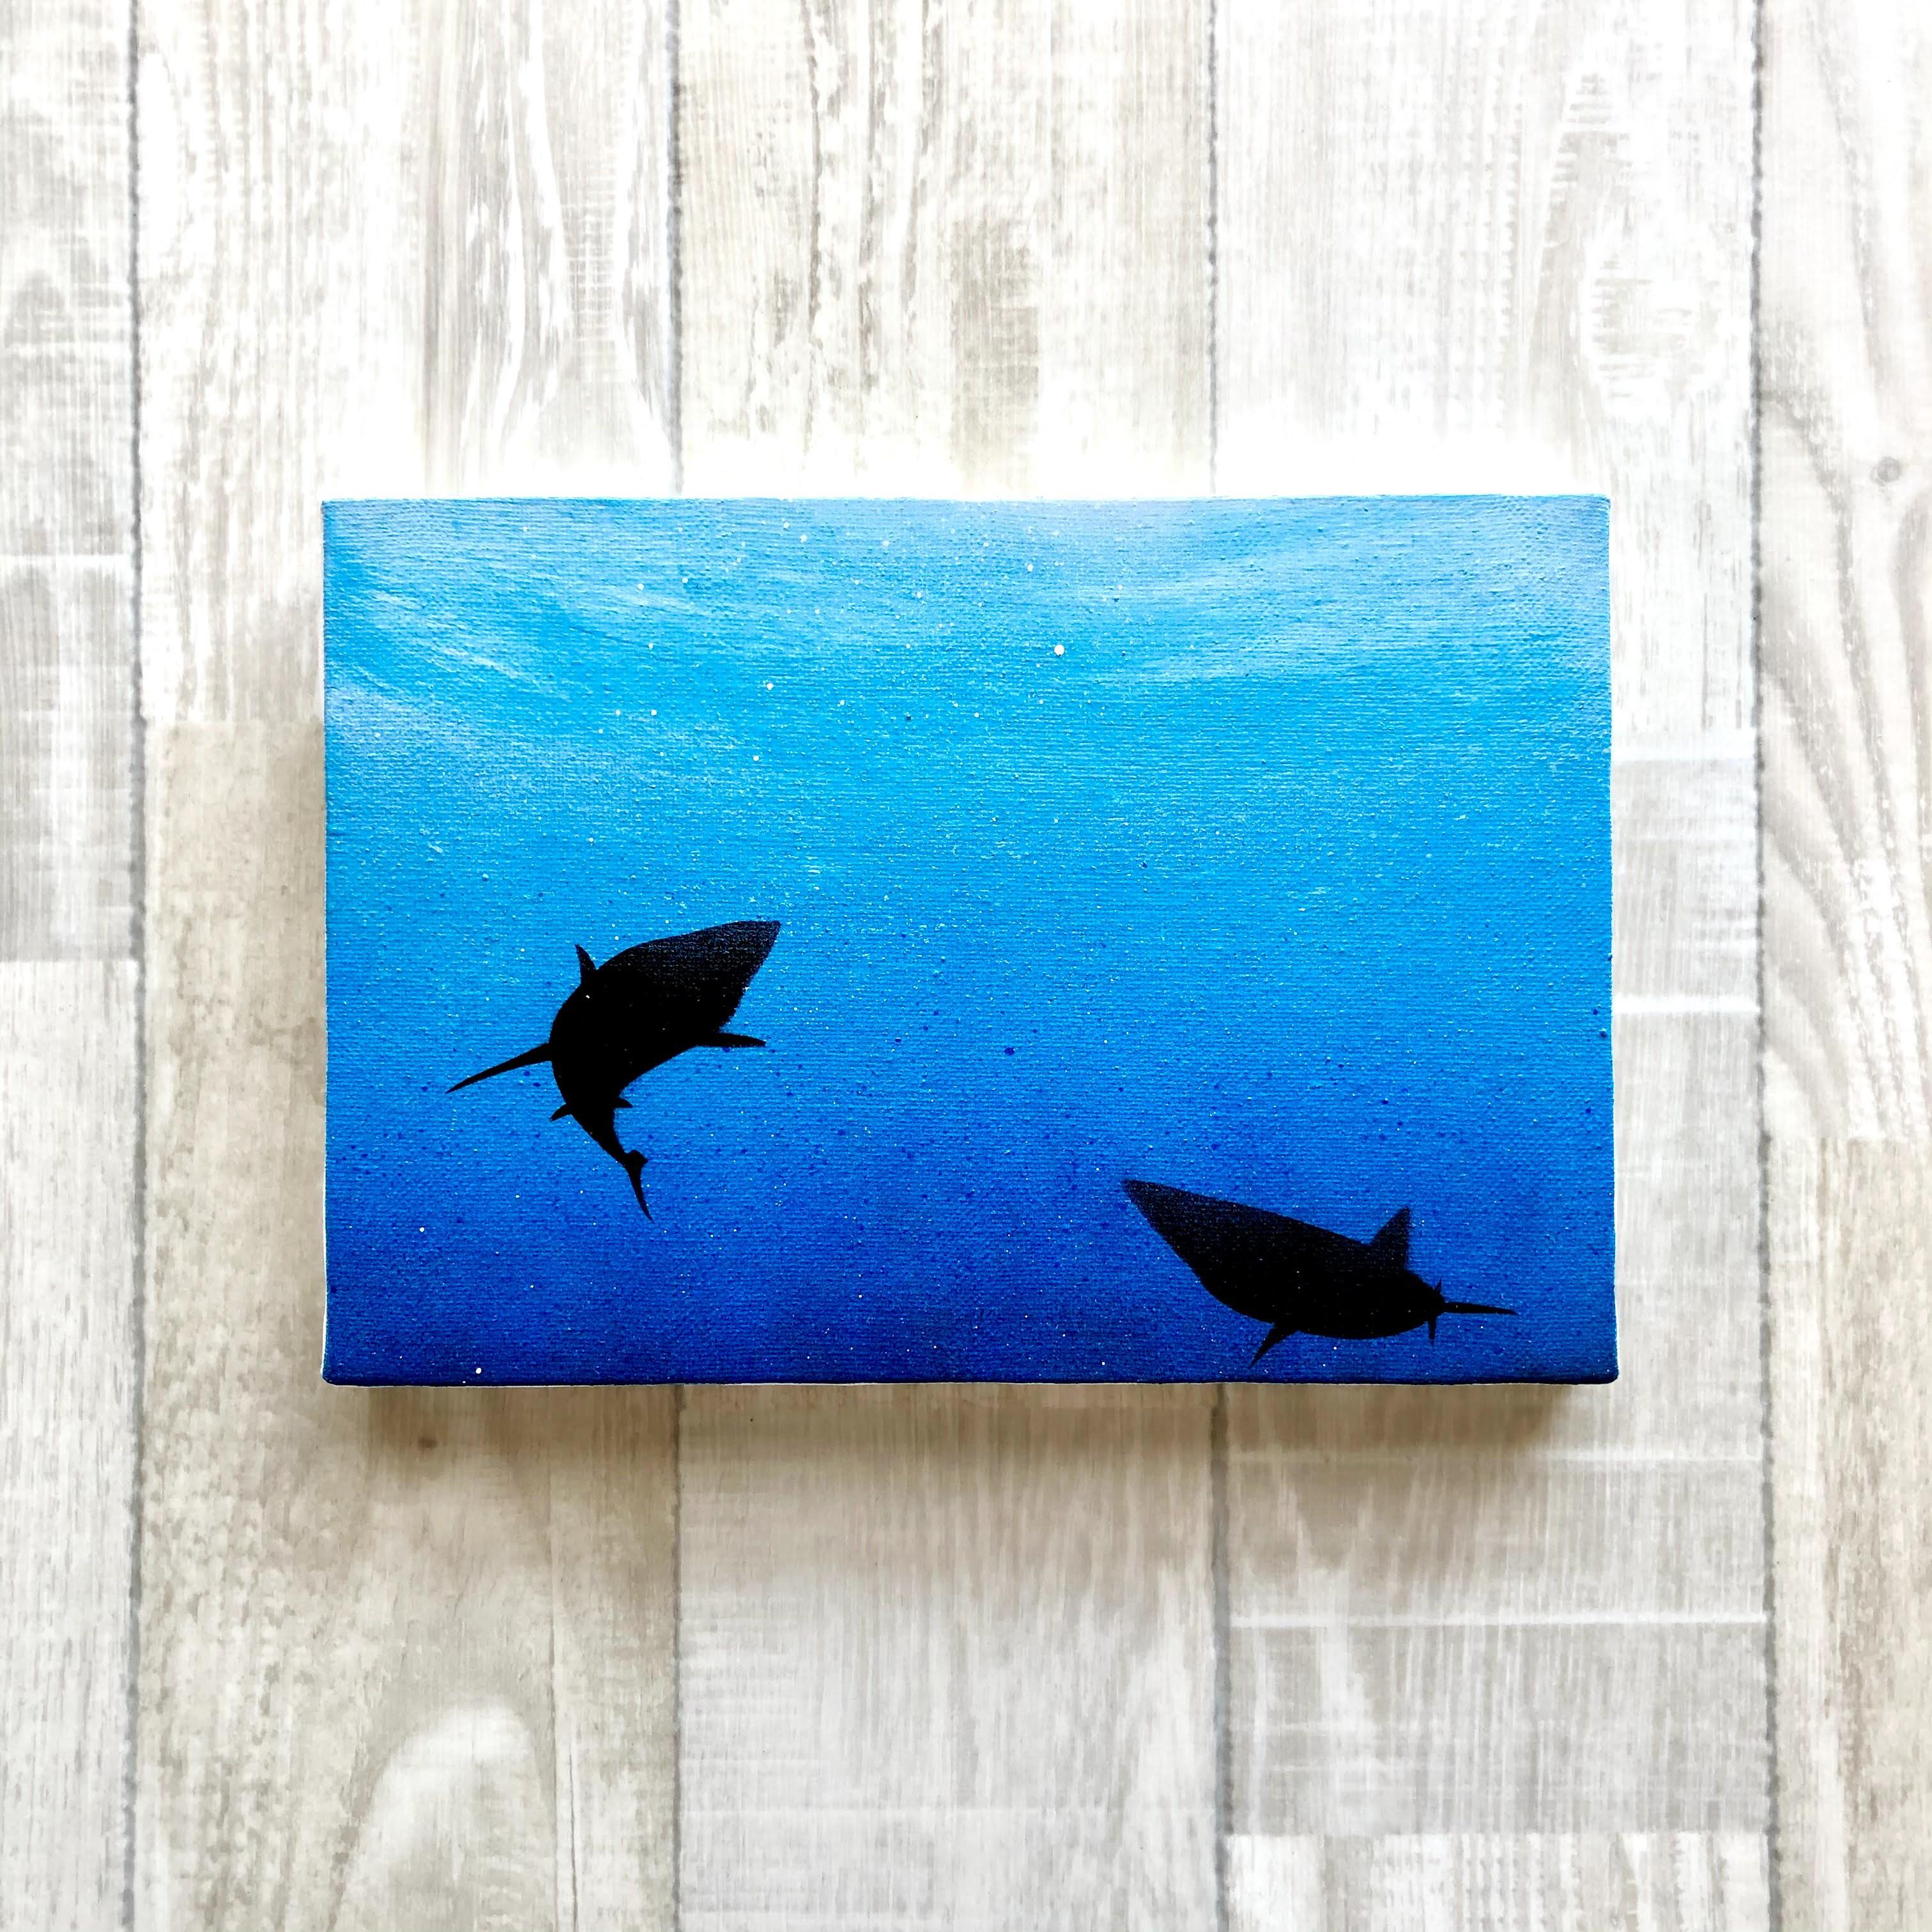 「潜む鮫」 キャンバスパネル風景画